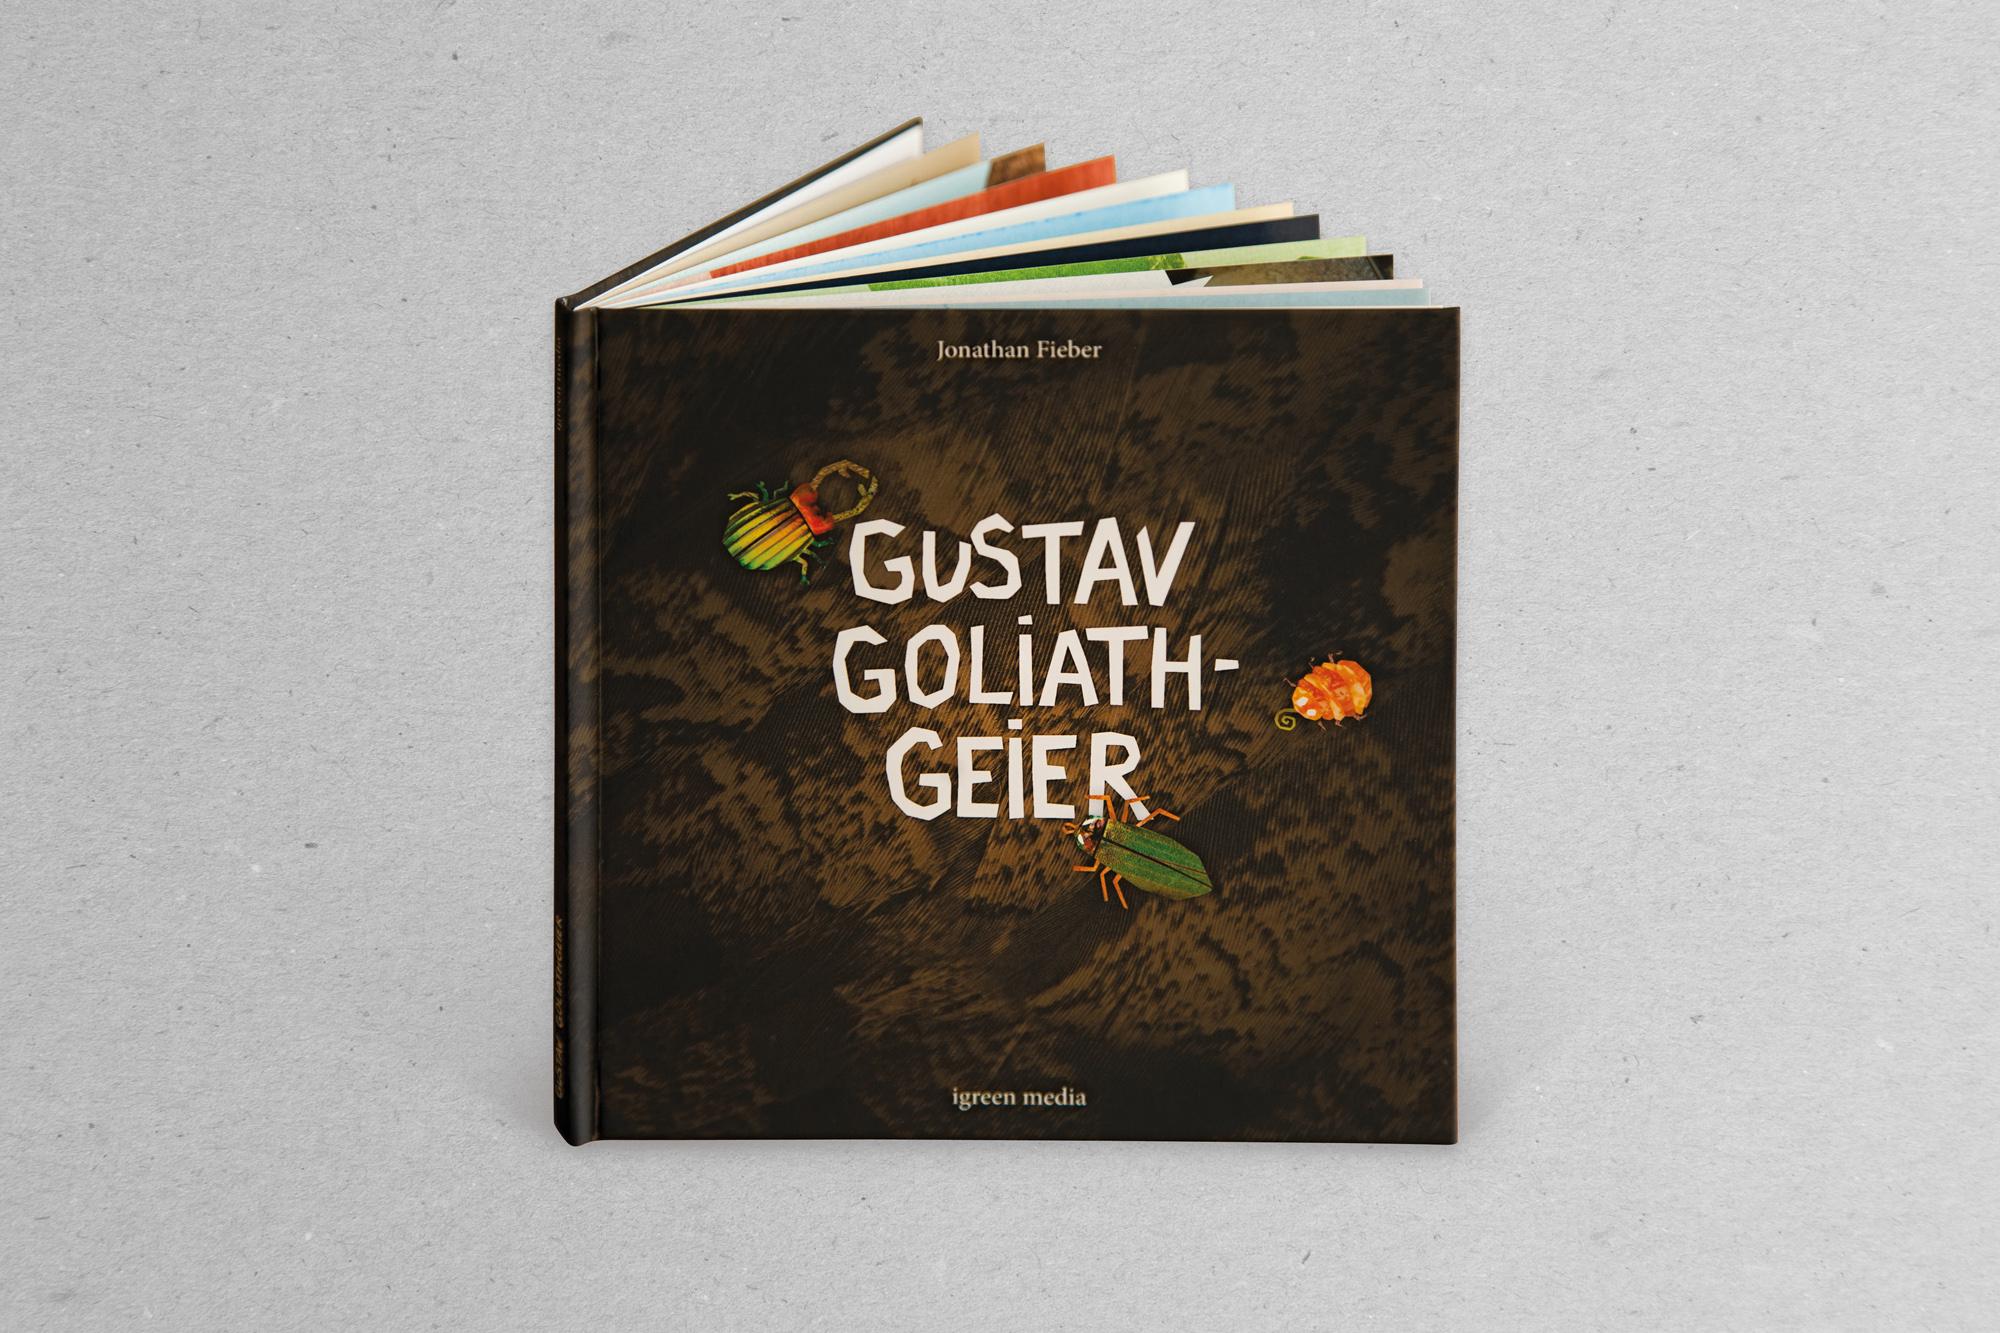 Gustav Goliathgeier Kinderbuch 01